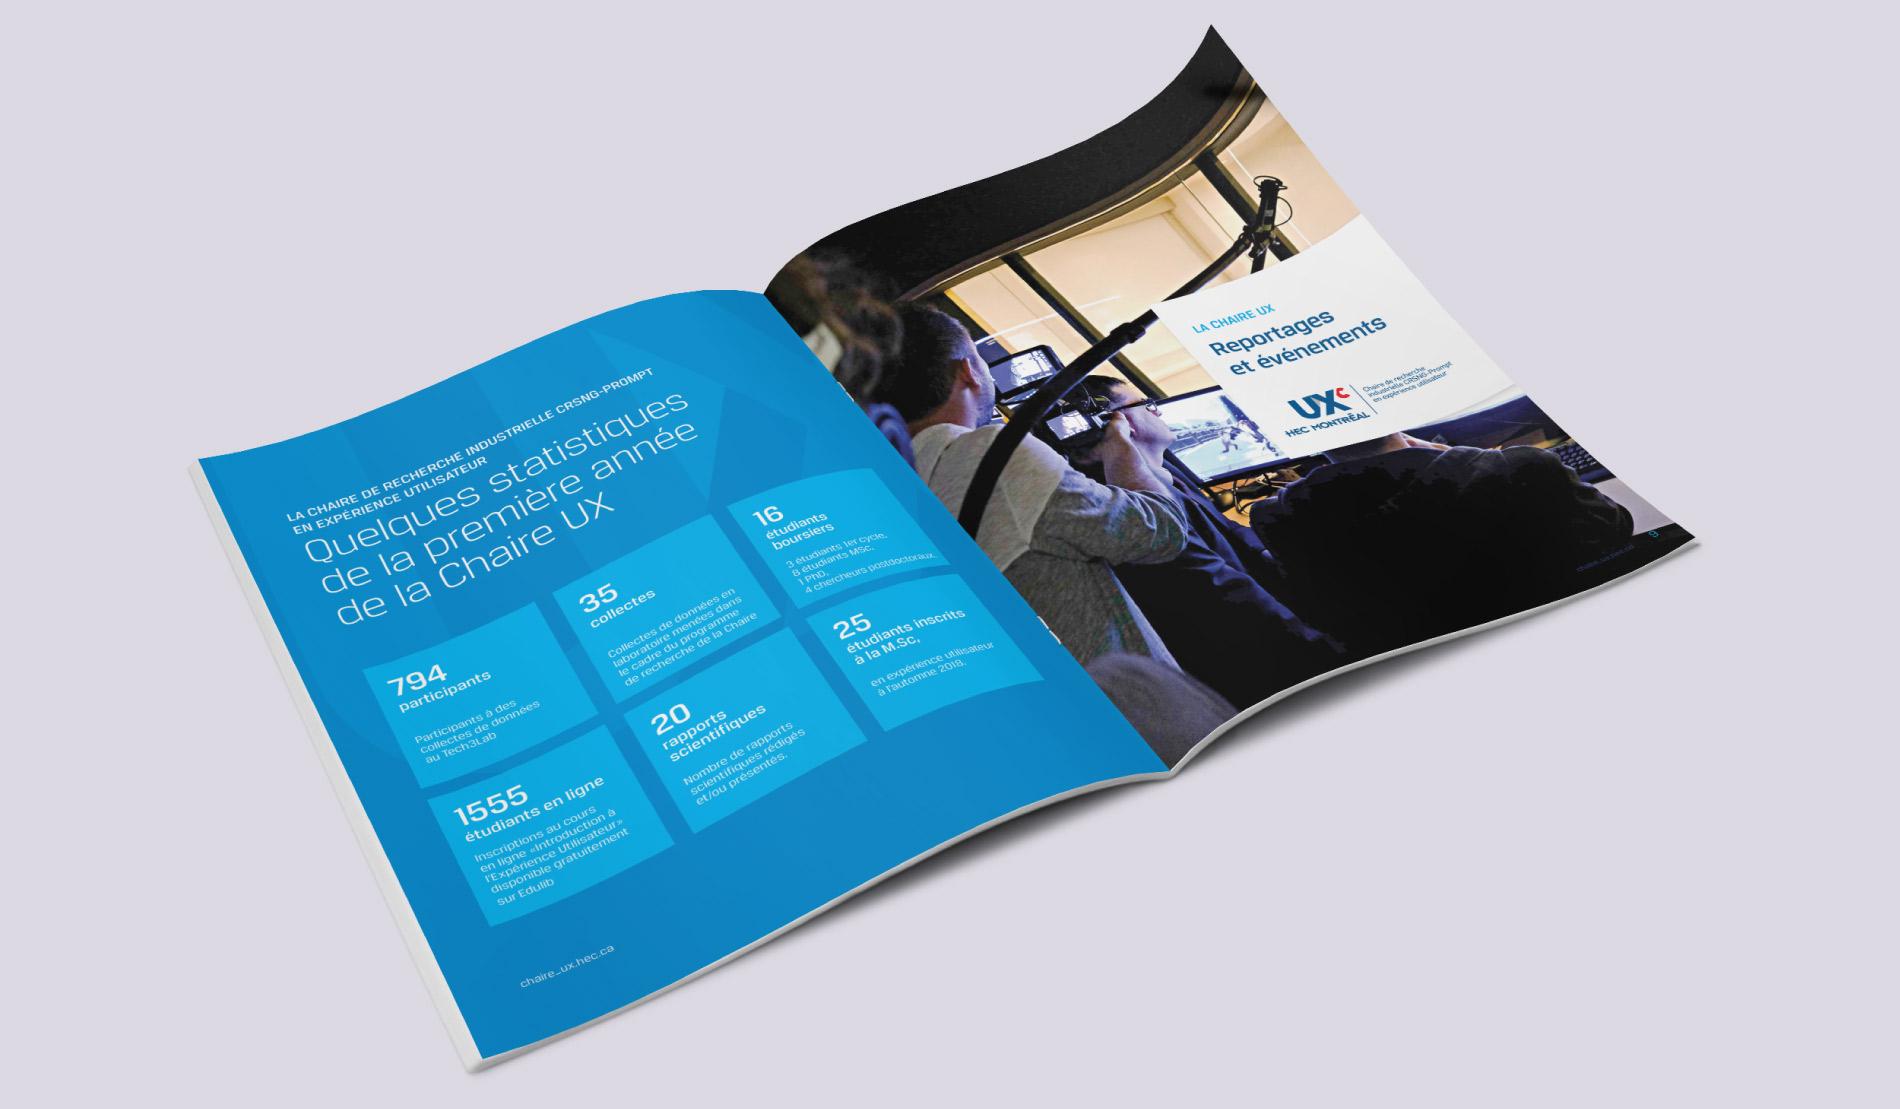 Conception du rapport annuel de la Chaire UX page 2